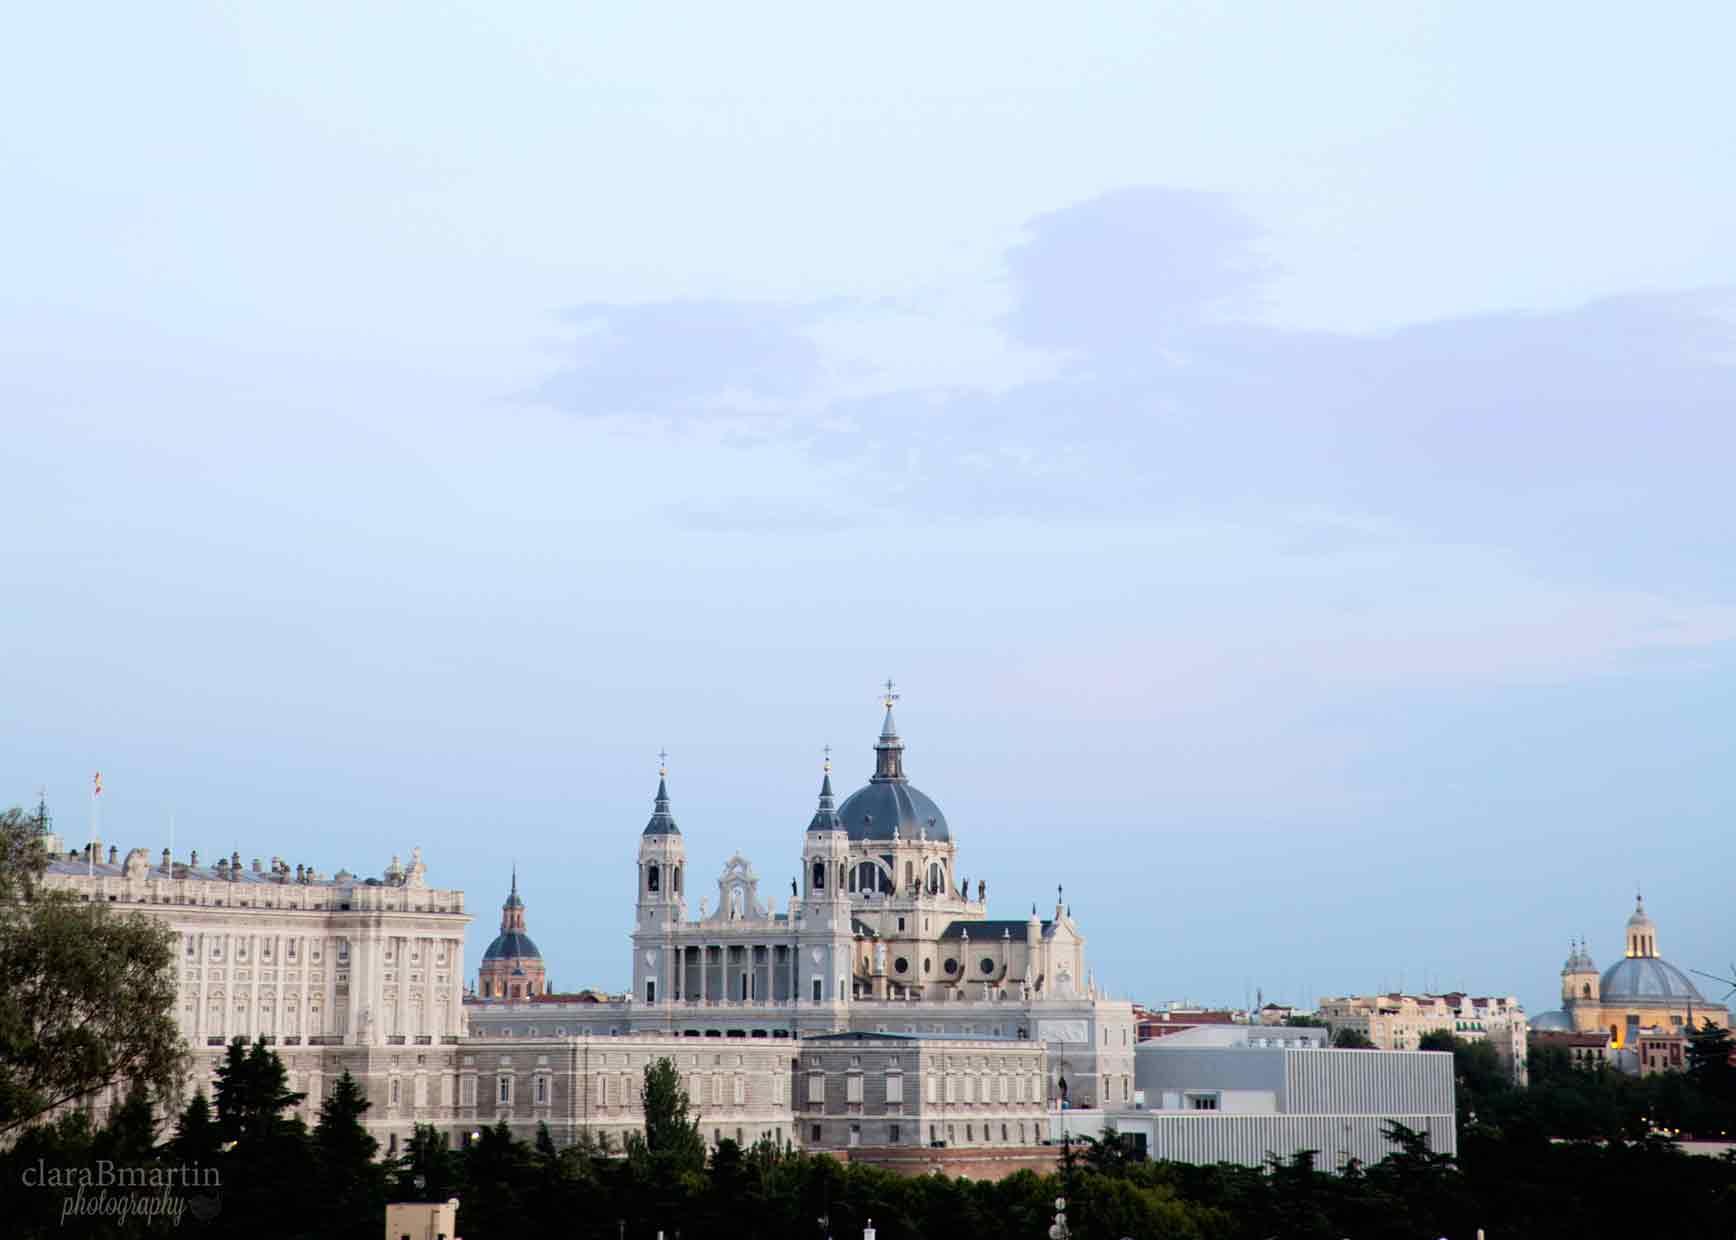 Madrid-en-verano-claraBmartin22